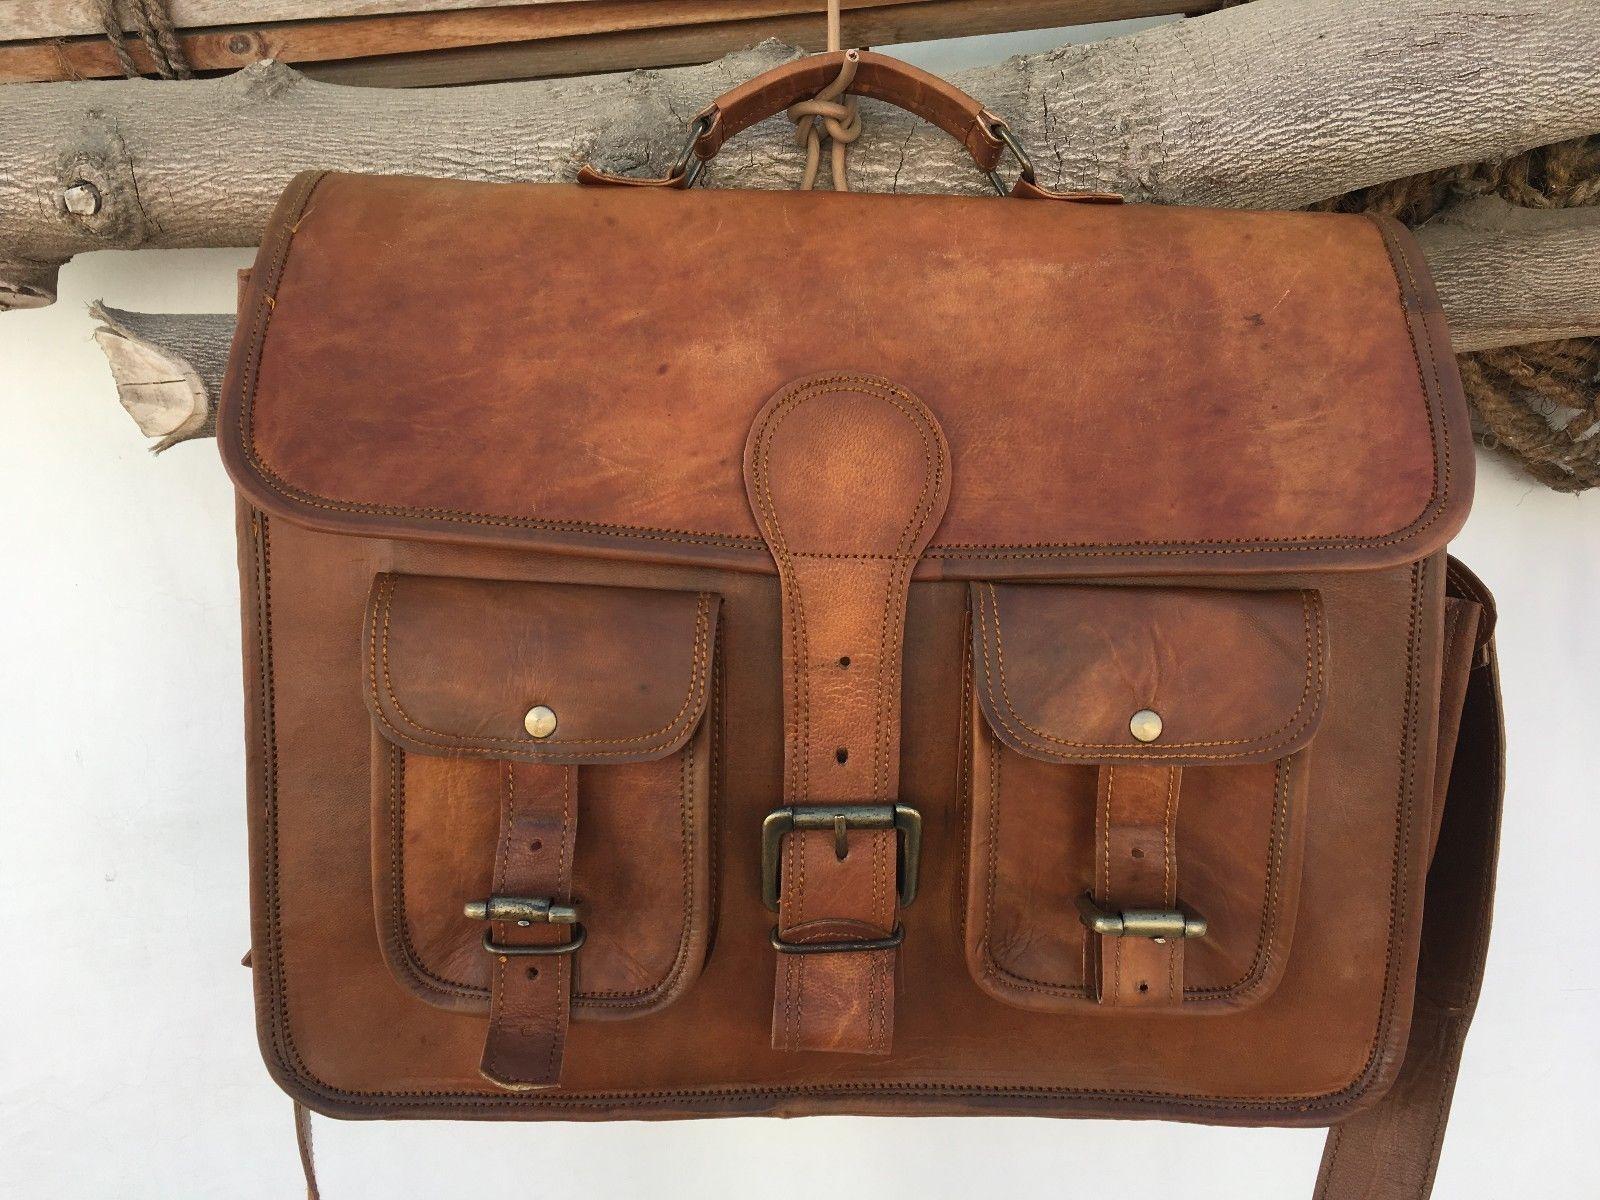 Vintage Ledertasche für Männer Satchel Messenger Man Laptop Aktentasche Tasche | Öffnen Sie das Interesse und die Innovation Ihres Kindes, aber auch die Unschuld von Kindern, kindlich, glücklich